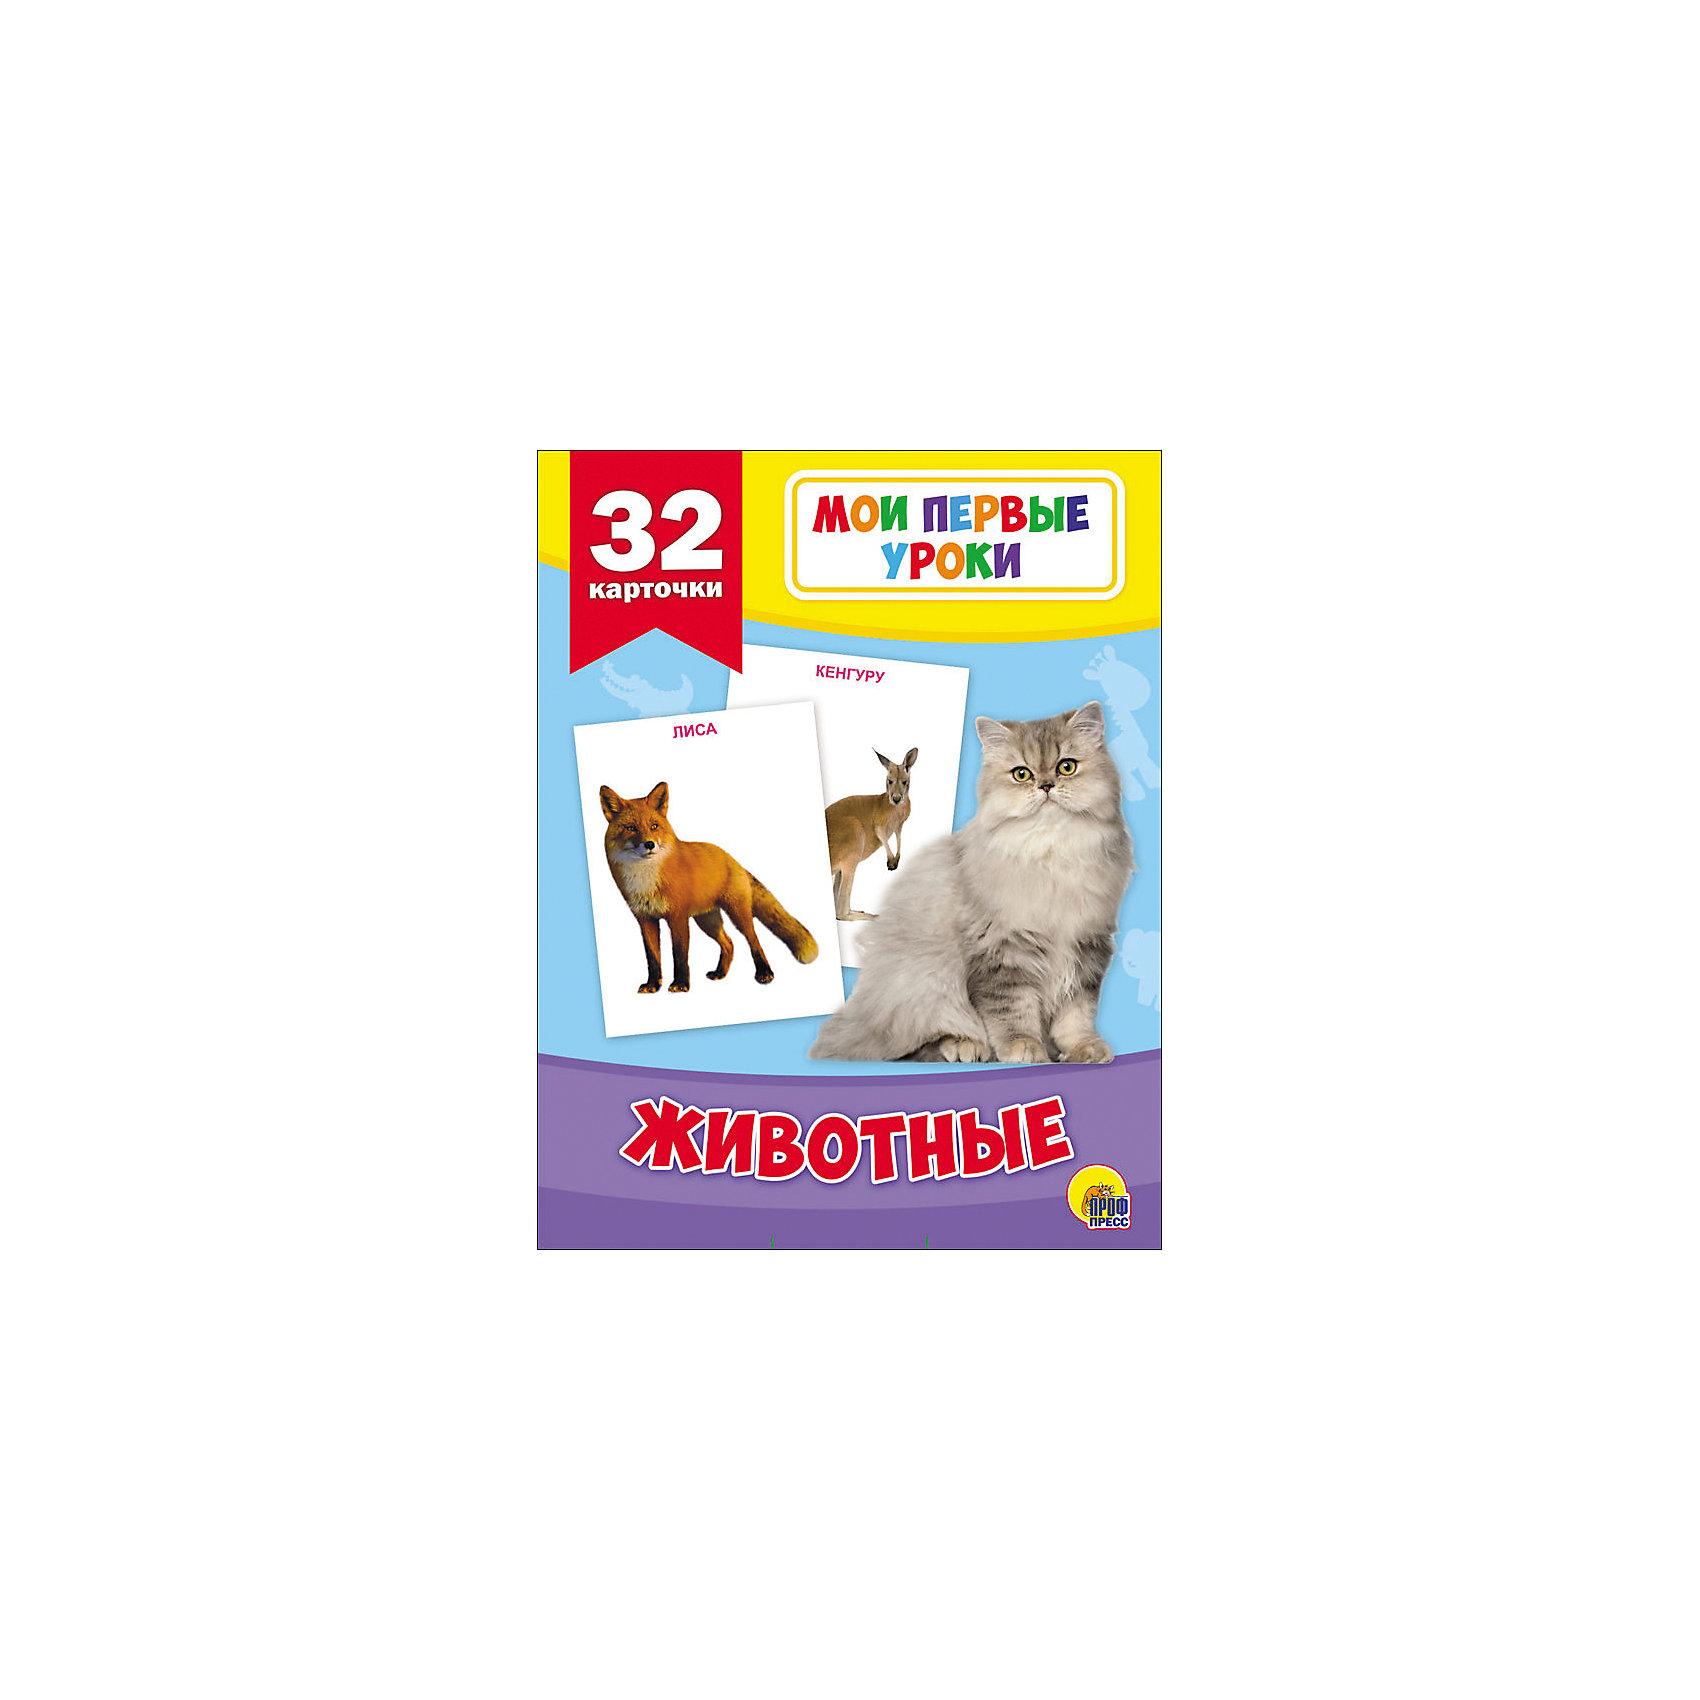 Развивающие карточки  Мои первые урокиОбучающие карточки<br>Развивающие карточки Мои первые уроки.<br><br>Характеристики:<br><br>• Редактор: Грищенко Виктория<br>• Издательство: Проф-Пресс, 2016 г.<br>• Серия: Мои первые уроки<br>• Иллюстрации: цветные<br>• Количество карточек: 32 (картон)<br>• Упаковка: картонный блистер с европодвесом<br>• Размер упаковки: 184х114х18 мм.<br>• Вес: 138 гр.<br>• ISBN: 9785378268771<br><br>Развивающие карточки серии Мои первые уроки познакомят ребёнка с интересными фактами о животных. Яркие фотографии помогут улучшить восприятие информации. Самое главное, что эти уроки будут проходить в отвлечённой игровой форме. Для детей дошкольного возраста.<br><br>Развивающие карточки Мои первые уроки можно купить в нашем интернет-магазине.<br><br>Ширина мм: 185<br>Глубина мм: 117<br>Высота мм: 114<br>Вес г: 0<br>Возраст от месяцев: 36<br>Возраст до месяцев: 2147483647<br>Пол: Унисекс<br>Возраст: Детский<br>SKU: 5452299